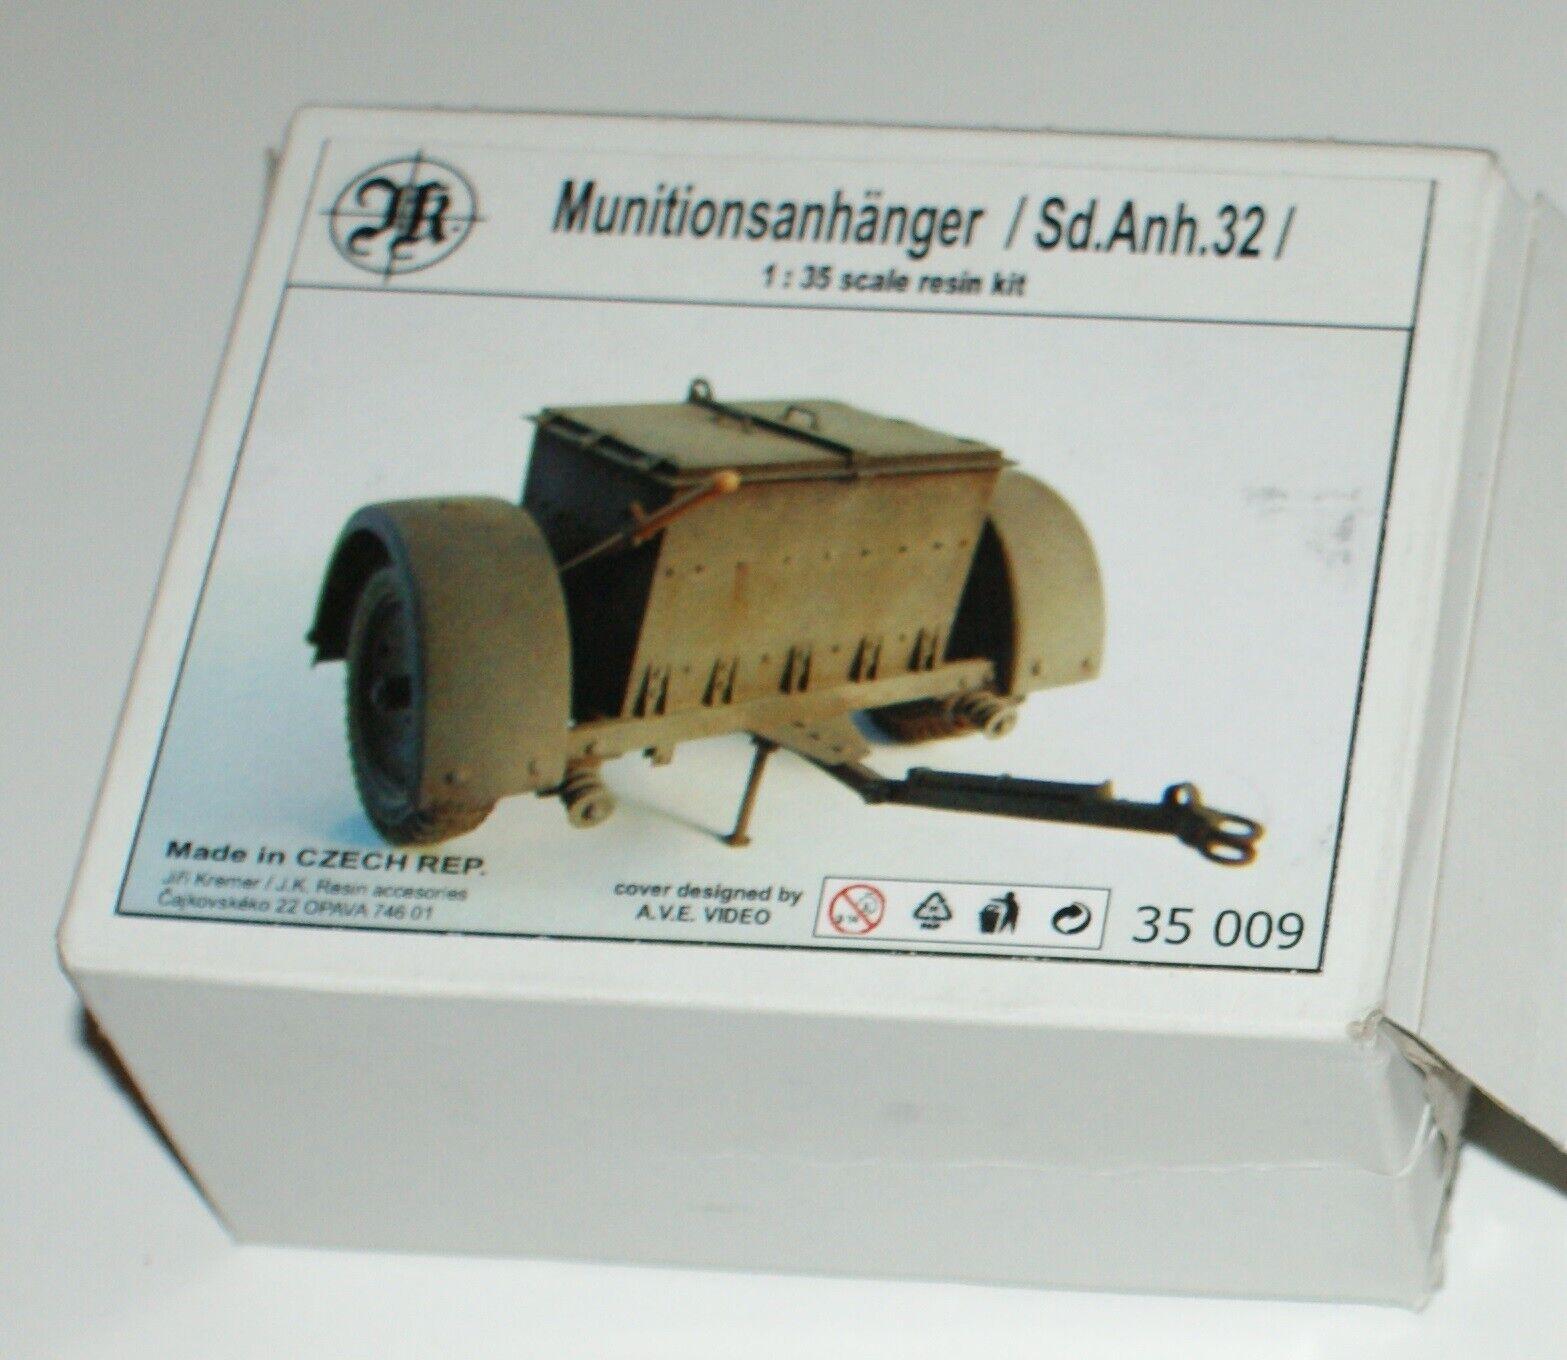 Munitionsanhänger (Sd. Anh. 32) von JKR in 1 35